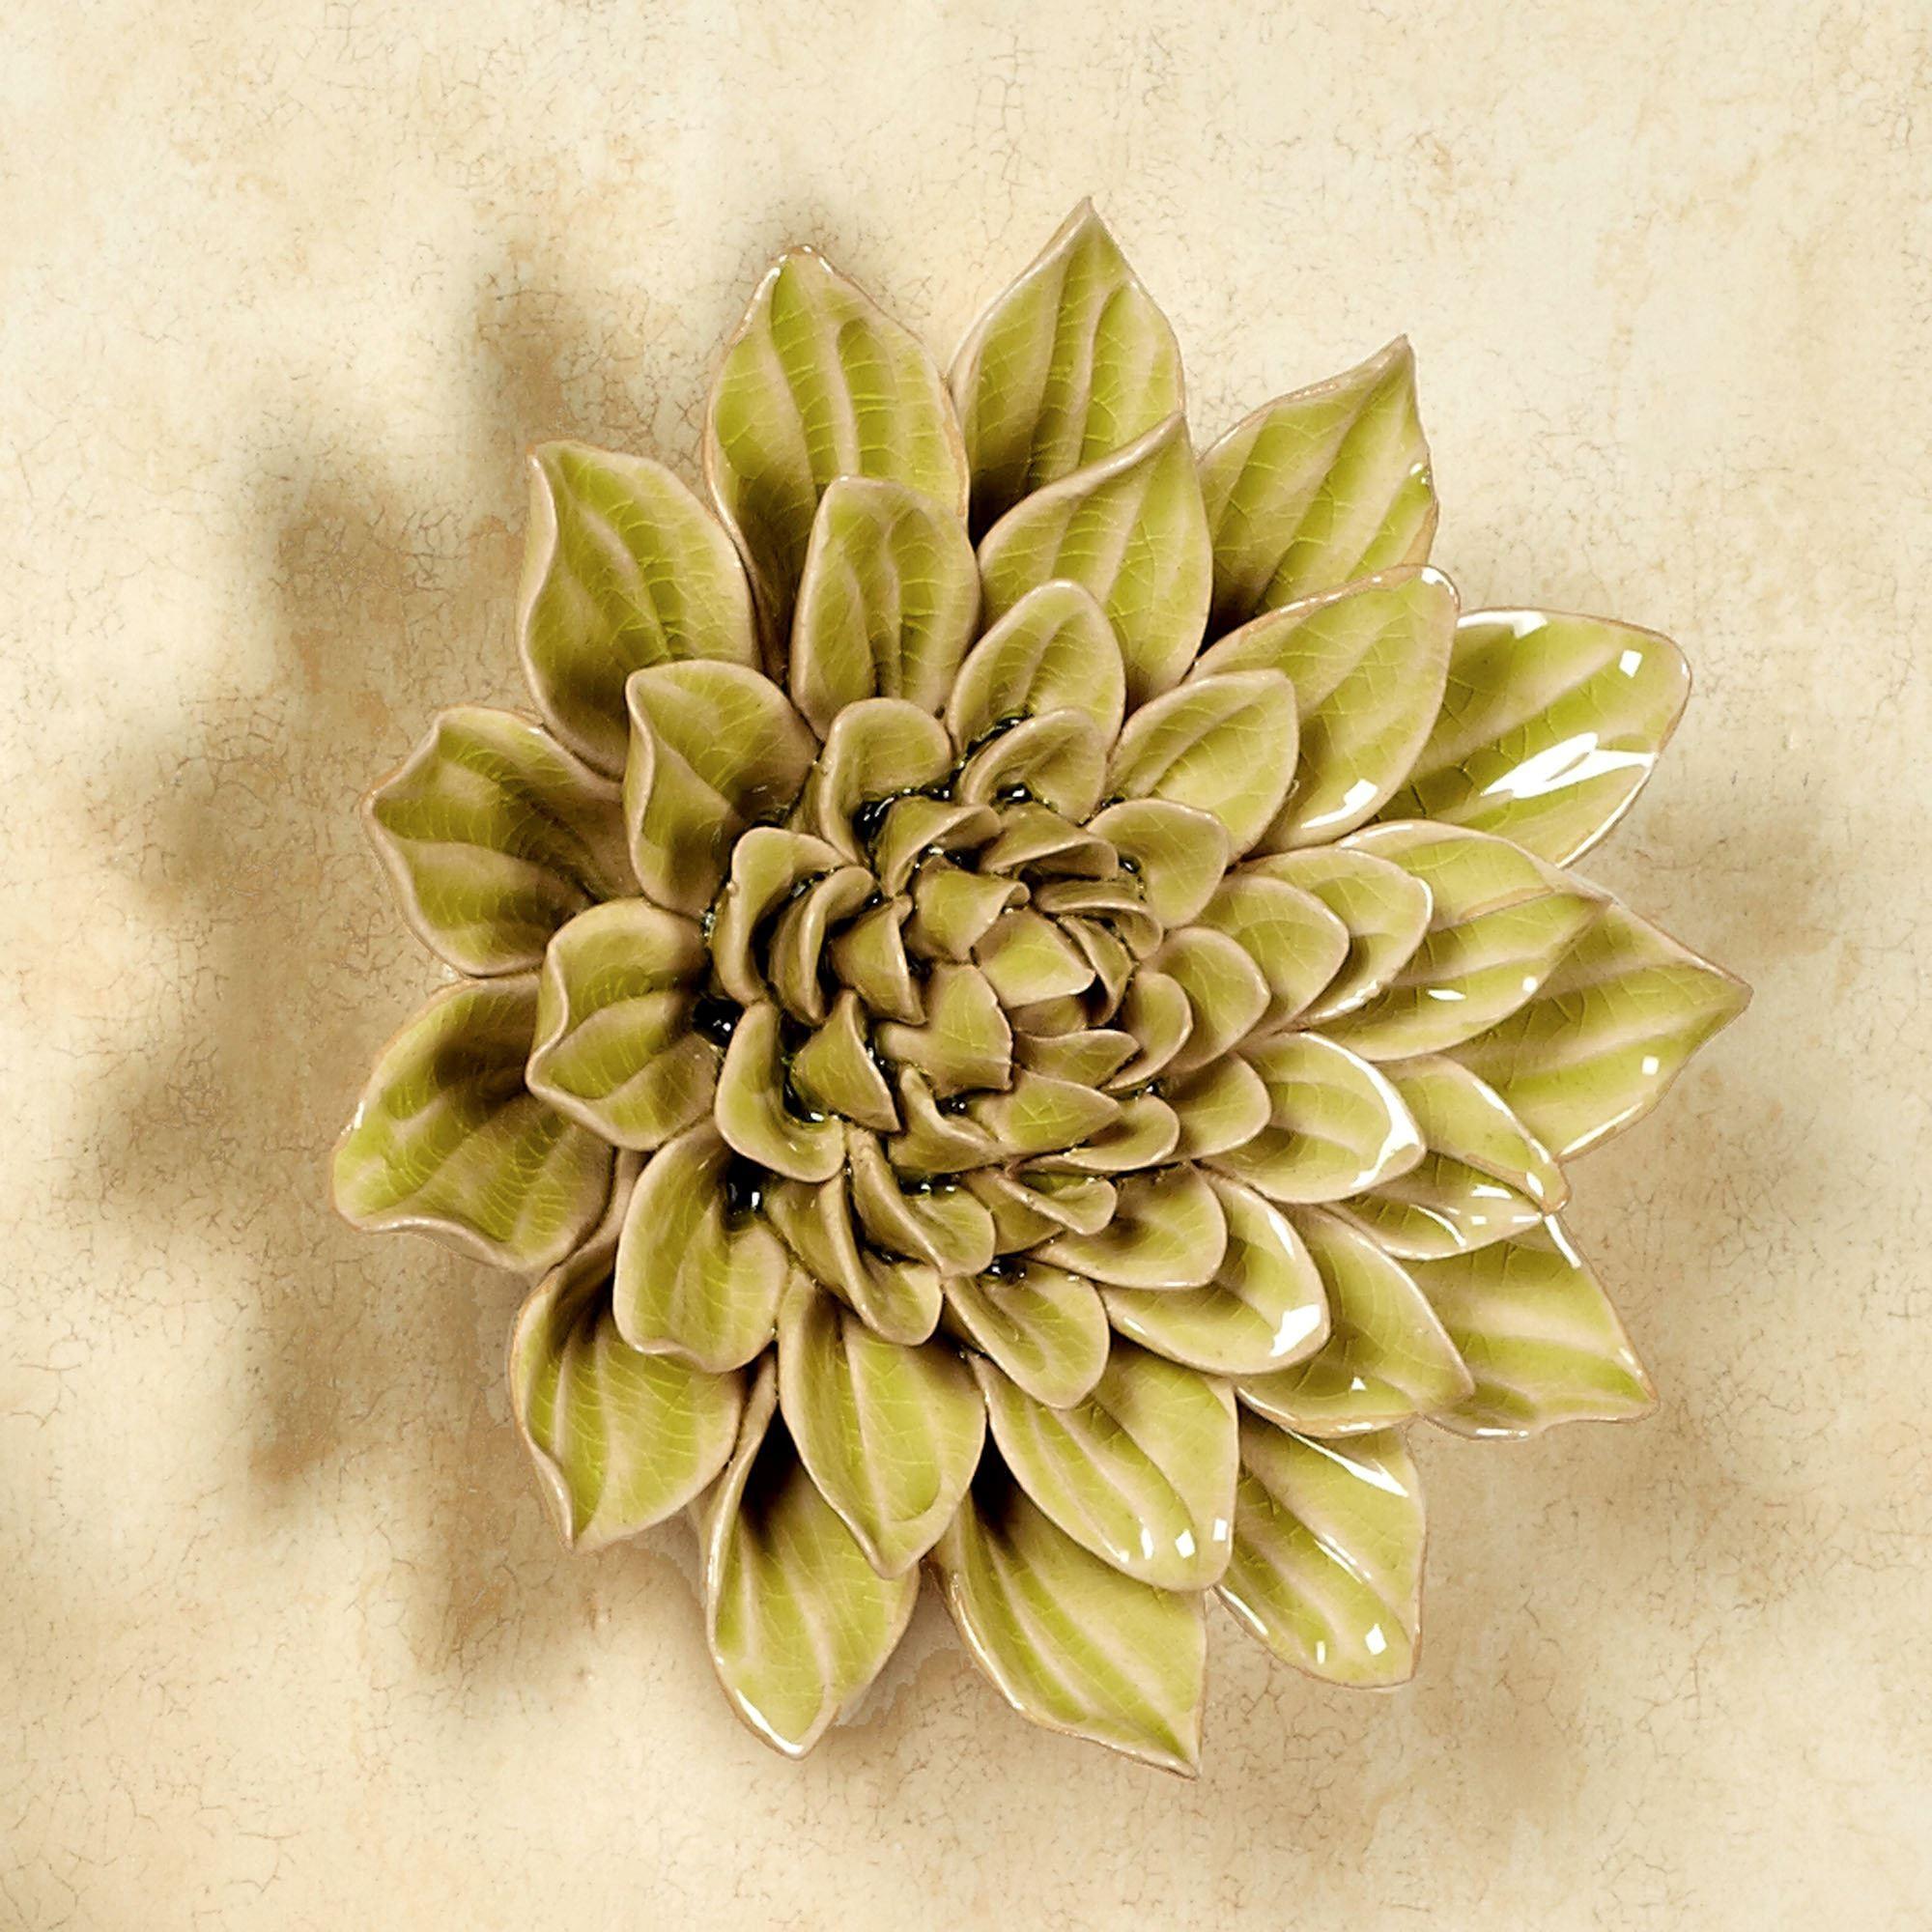 Isabella Ceramic Flower Blossom Wall Art pertaining to Italian Ceramic Wall Art